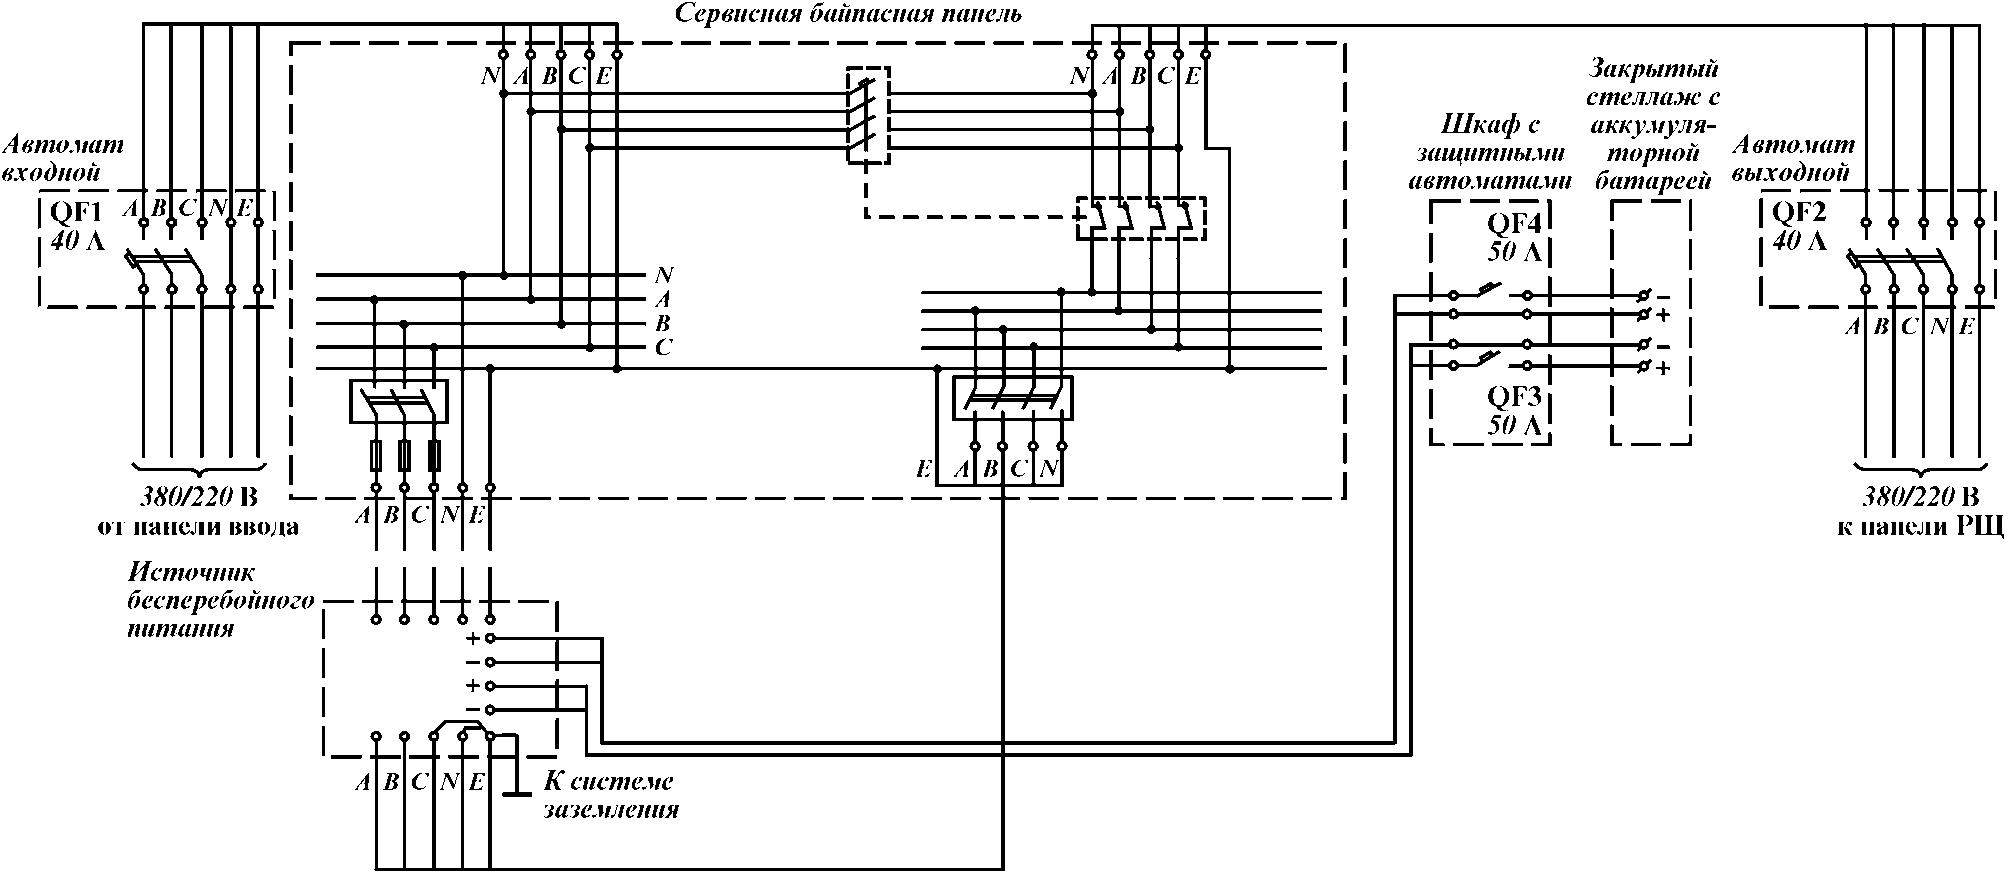 Электрическая схема холодильника атлант 6023.